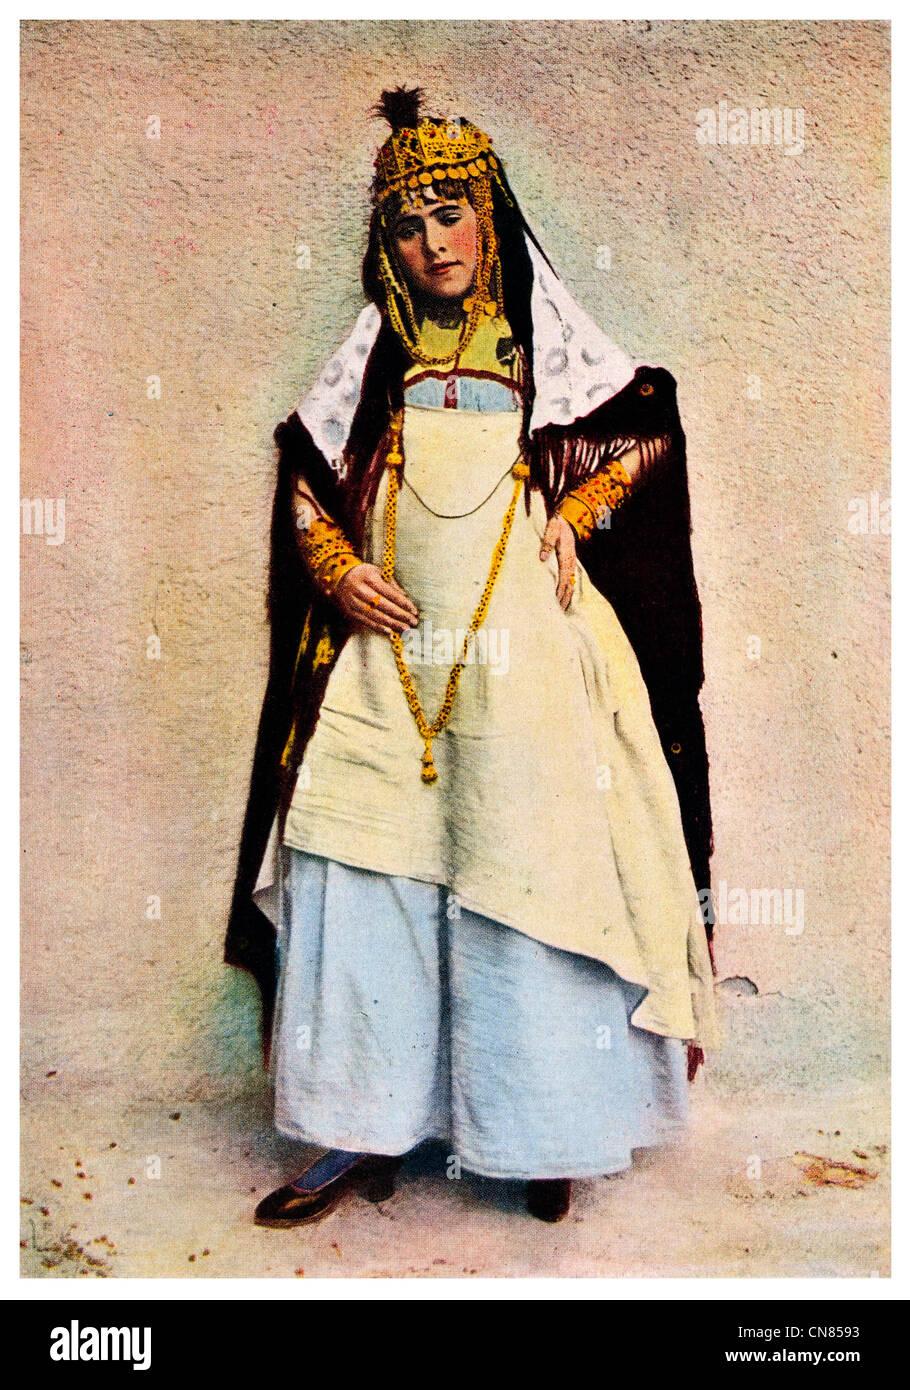 Pubblicato per la prima volta 1917 Costume algerino donna femmina ballerino del caffè Algeria Immagini Stock